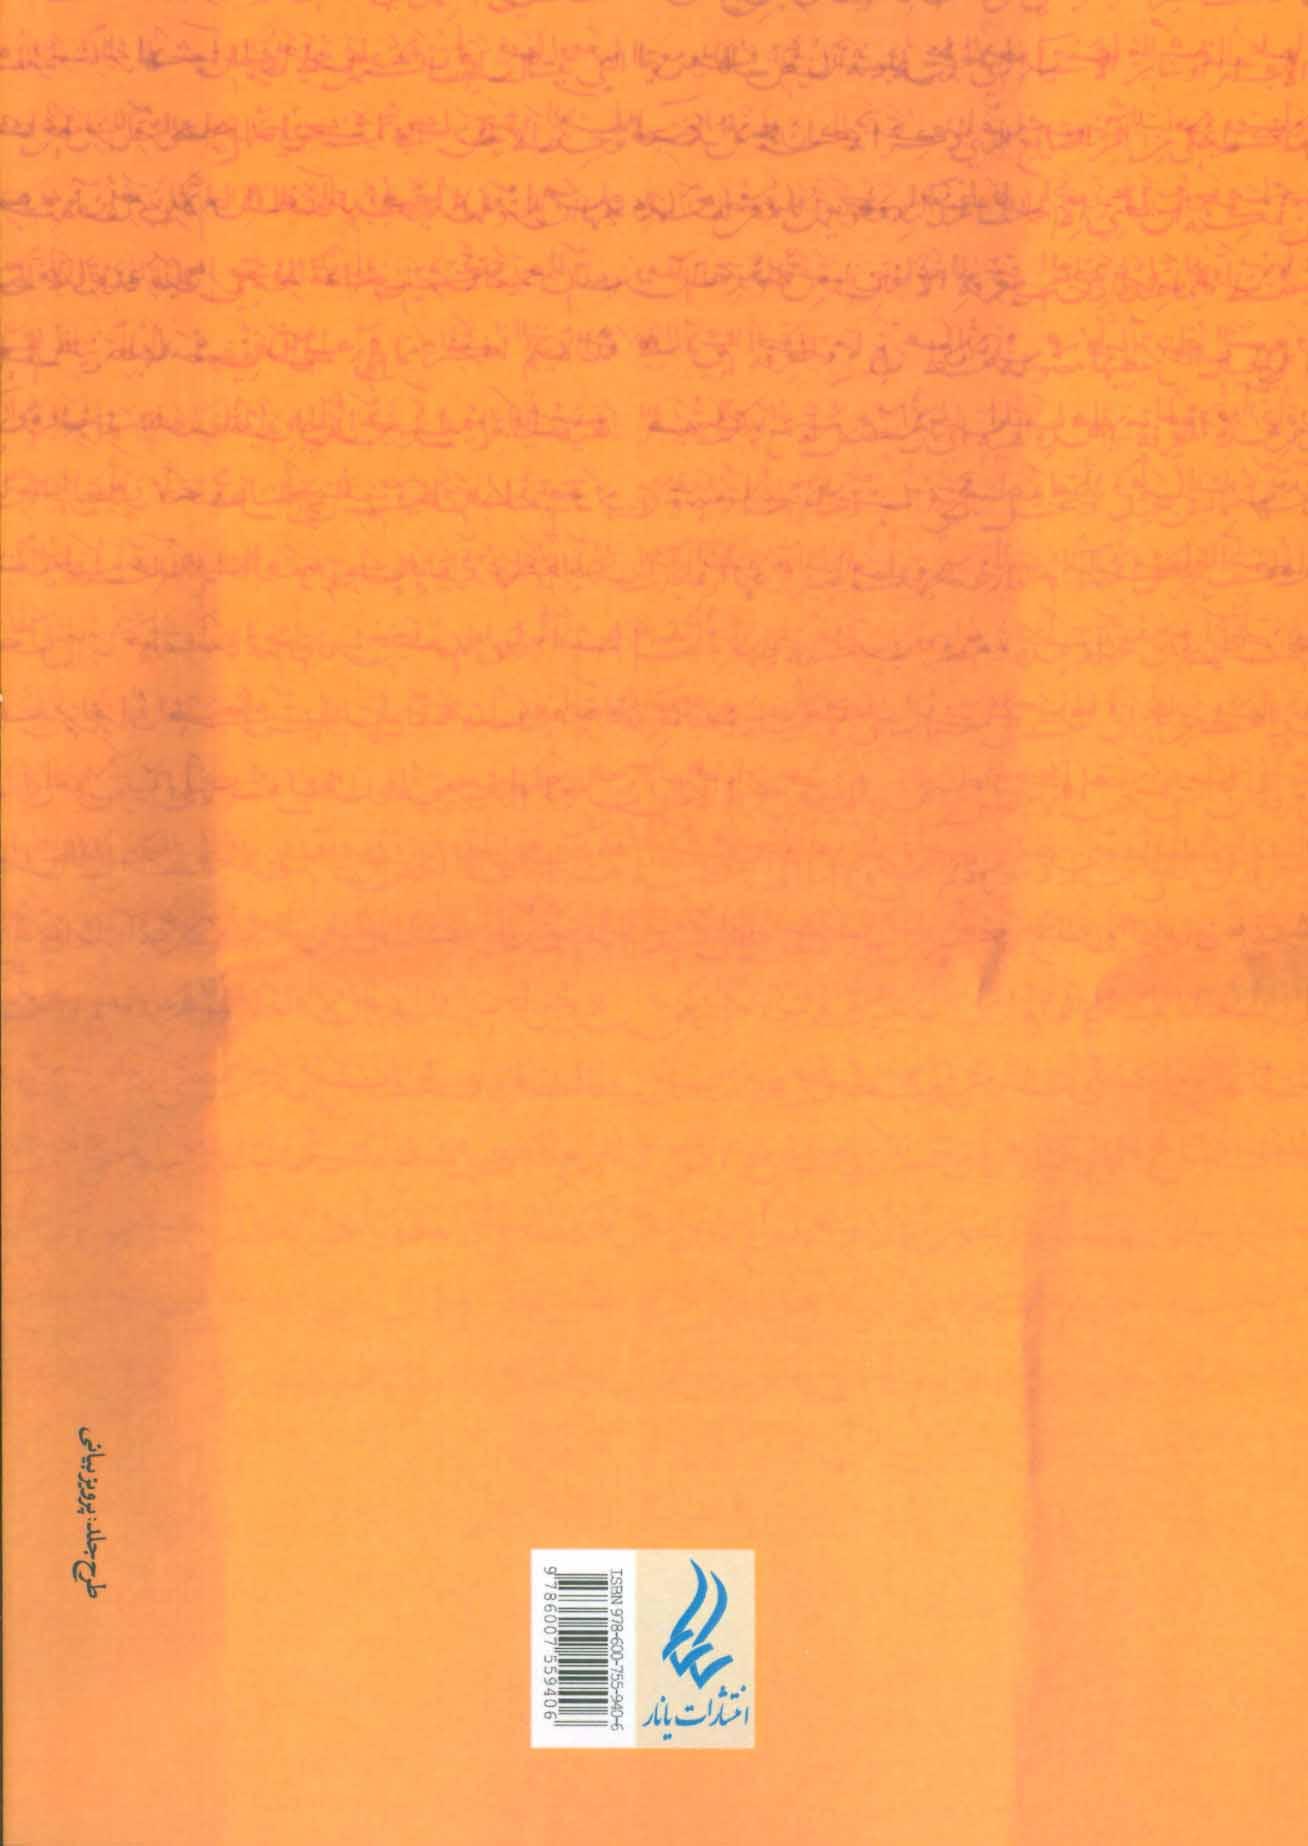 سه تا سه تا سه (999 دانه داستانک نیم دانه از ادبیات عرب)